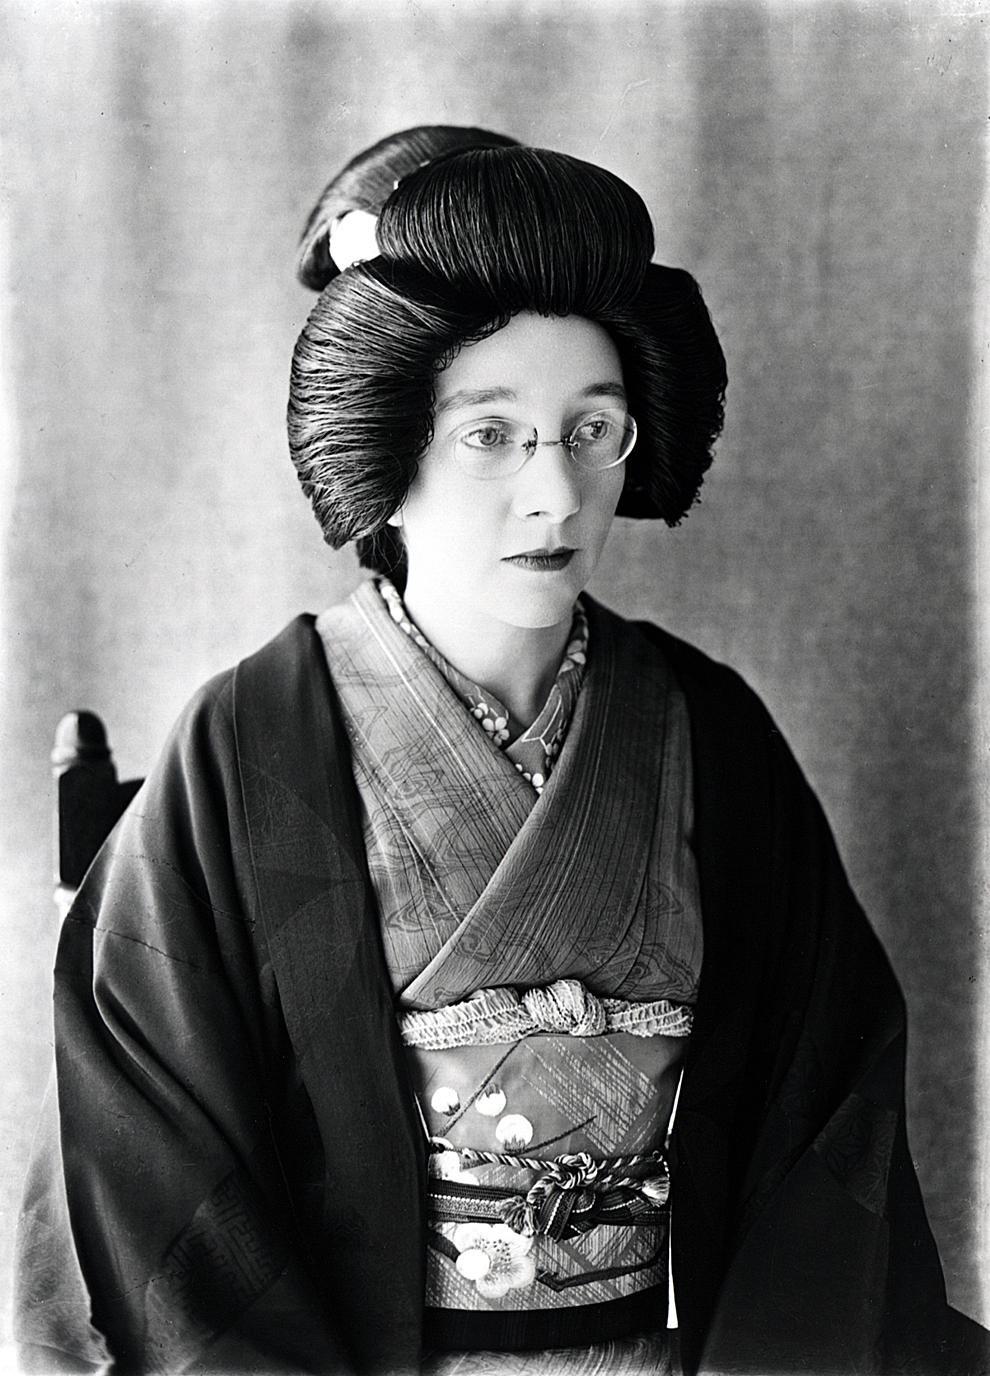 日本髪のかつらを付け、着物を着るリタ